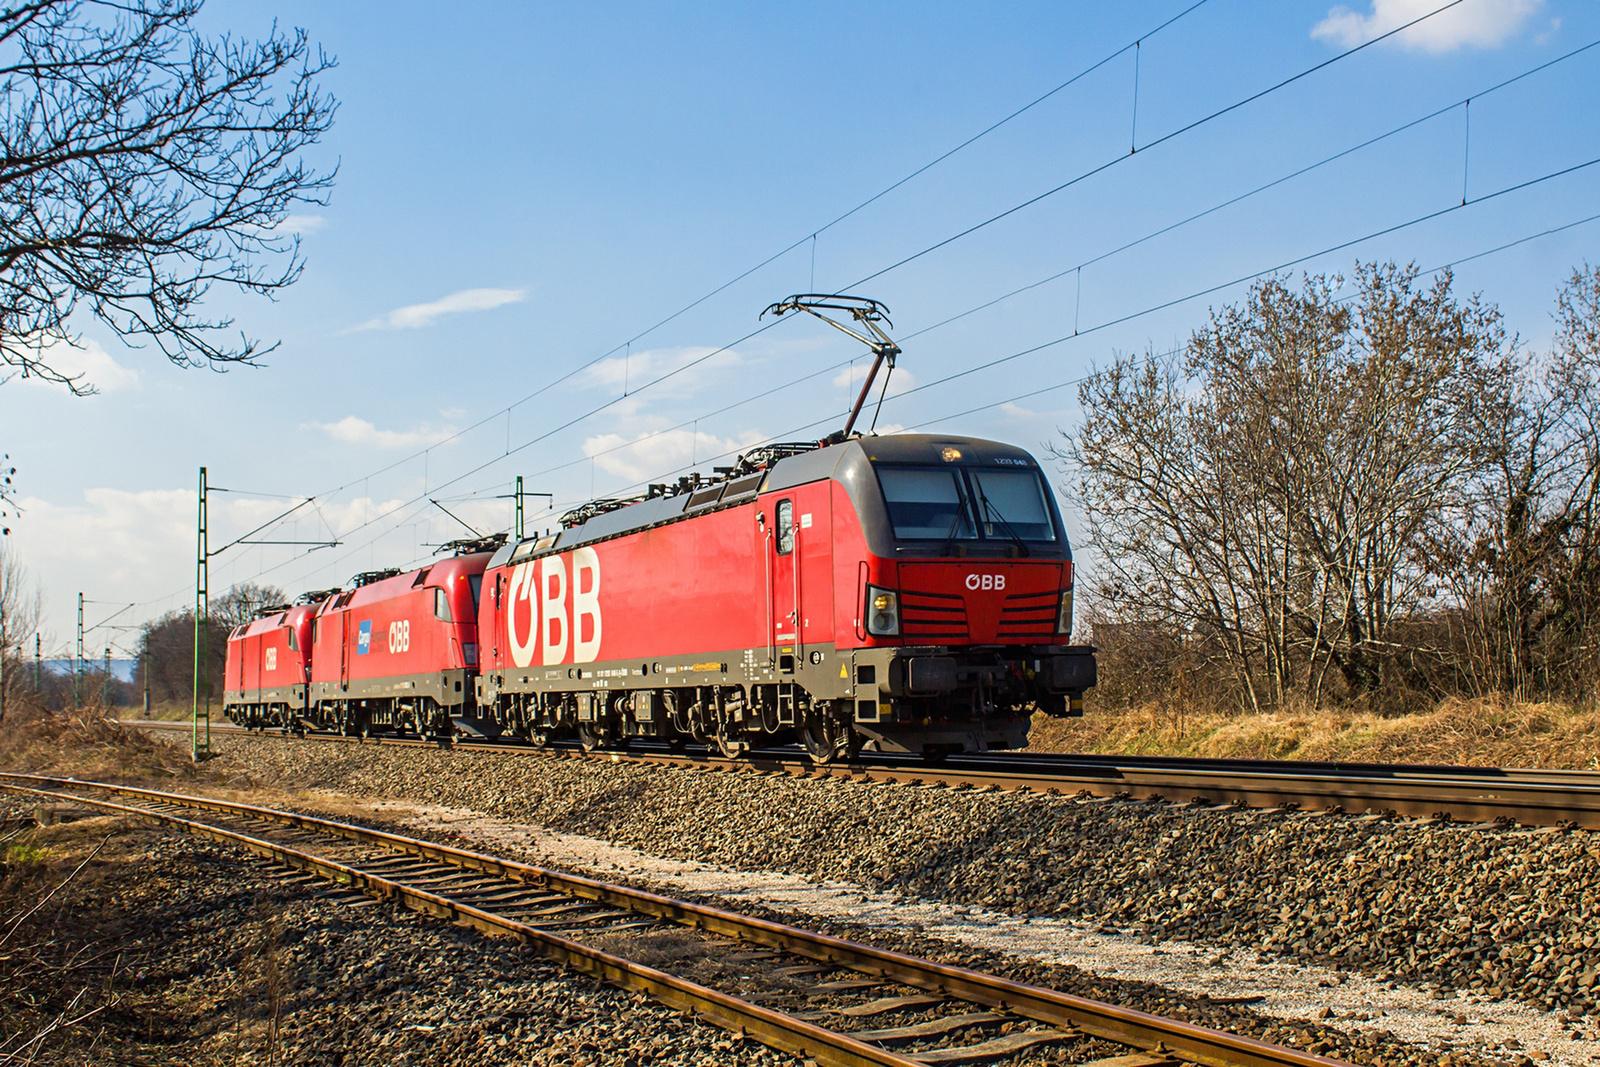 1293 048 +1116 011+112 Budaörs (2021.03.10).